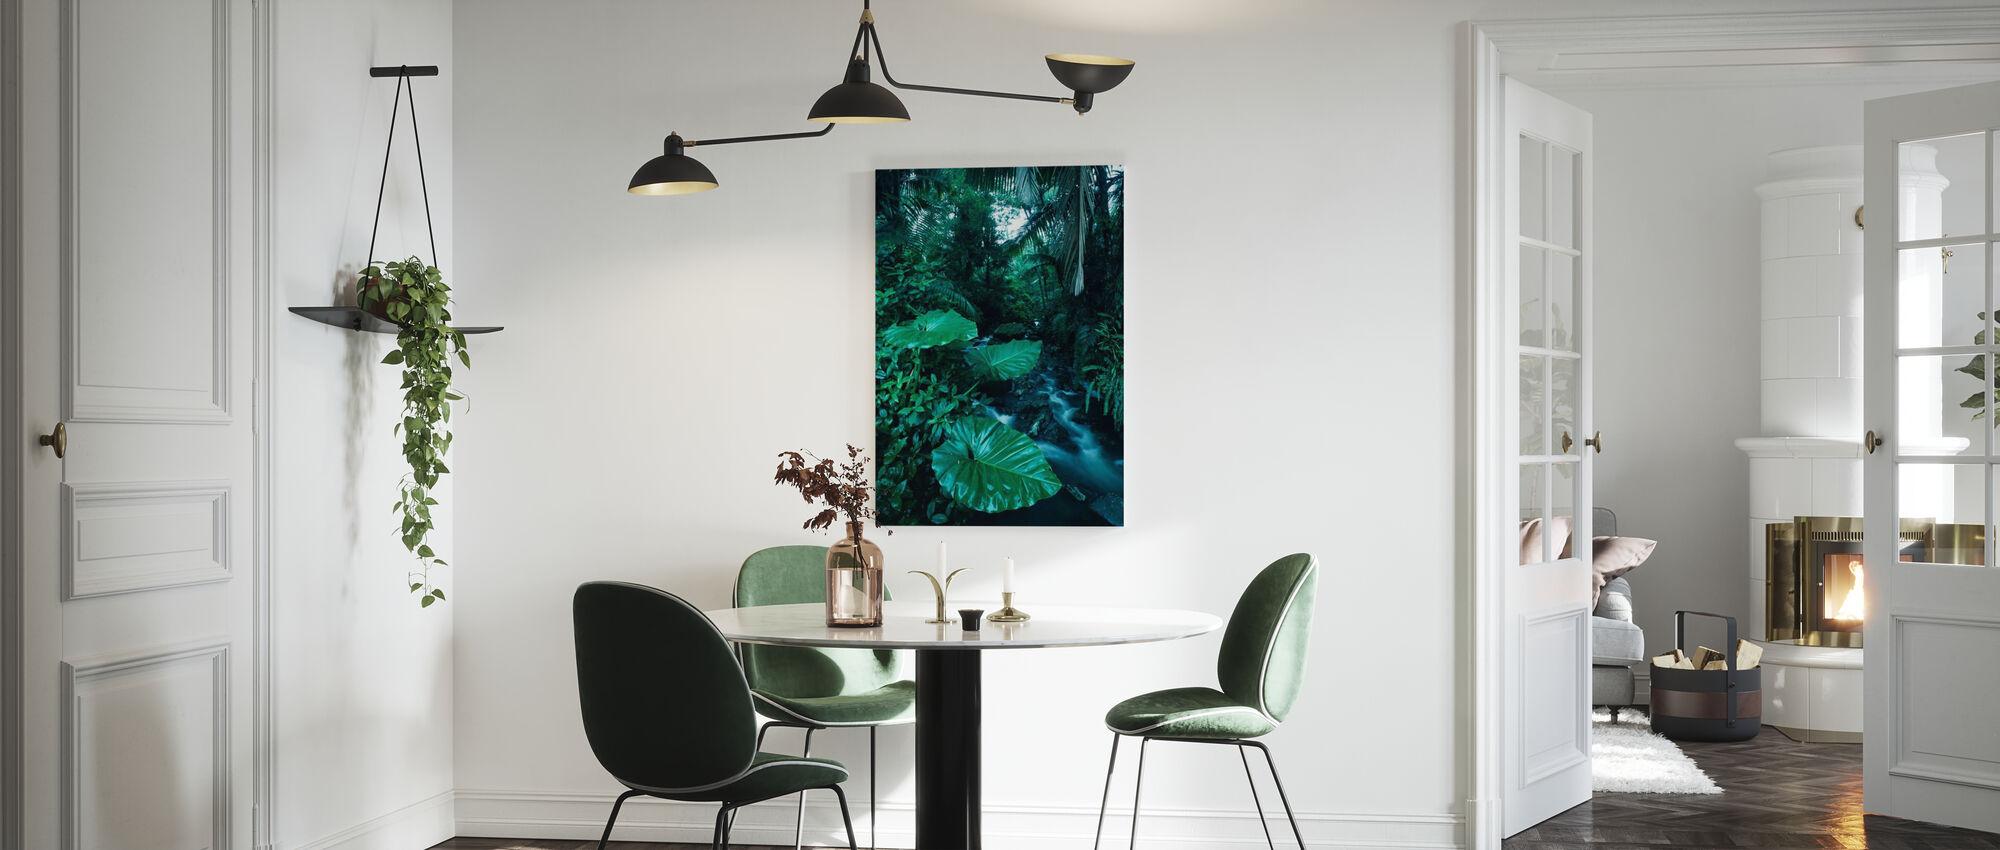 Regenwoud - Canvas print - Keuken